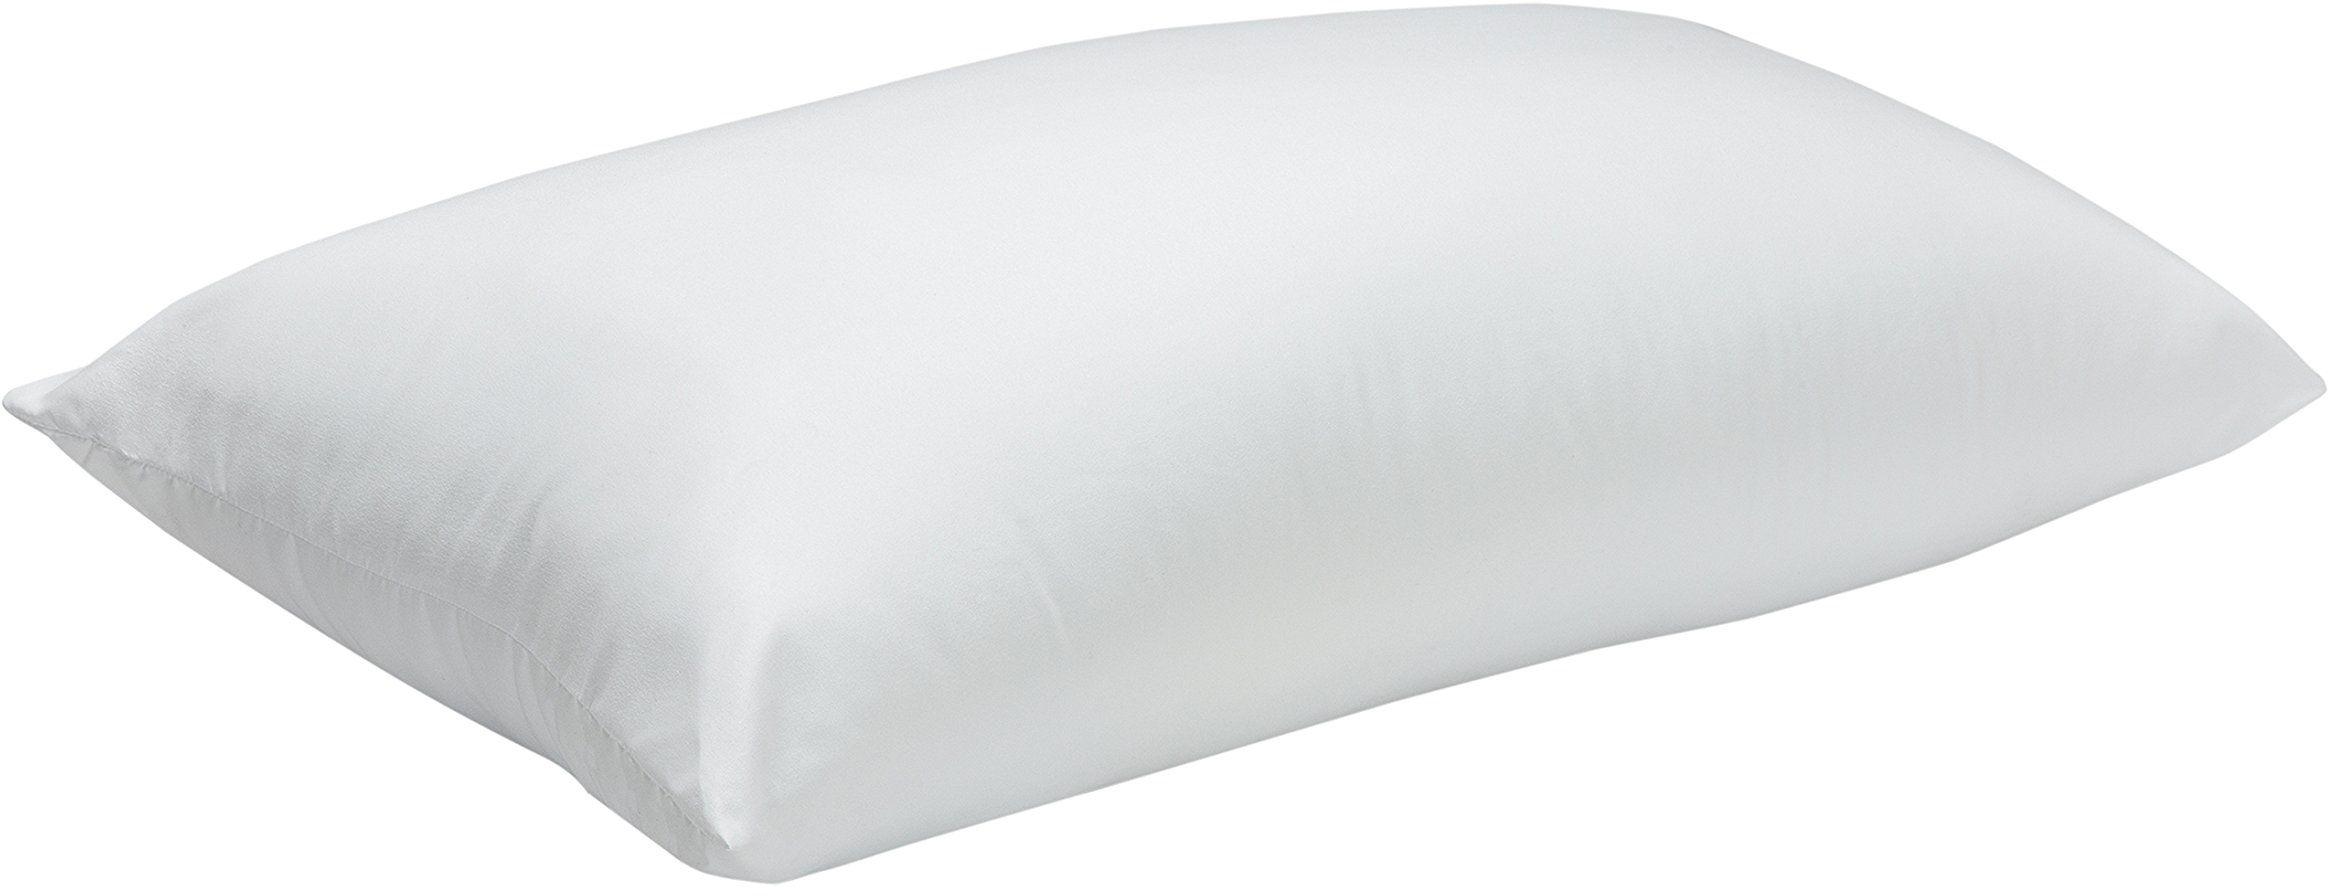 Pikolin Home - Poduszka z włókna pod głowę, z powłoką z aloesu, średnio miękka, 40 x 90 cm